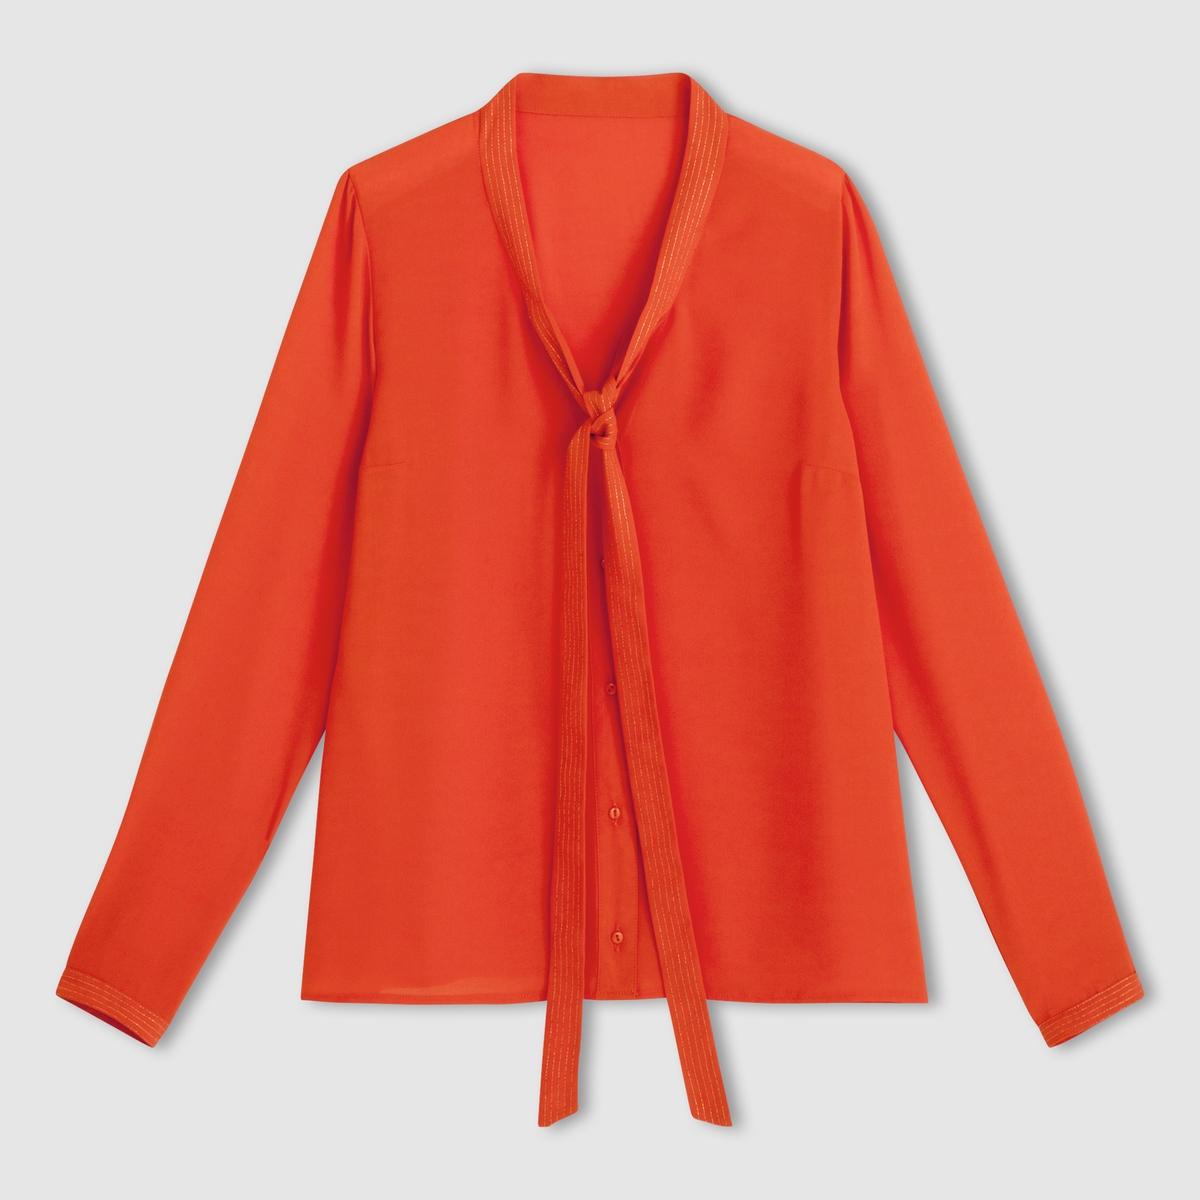 Блузка с галстукомБлузка с галстуком и длинными рукавами. Галстук на завязке. 100% полиэстера.Нашивки из металлизированной ткани. Длина ок.66 см.<br><br>Цвет: оранжевый<br>Размер: 38 (FR) - 44 (RUS)